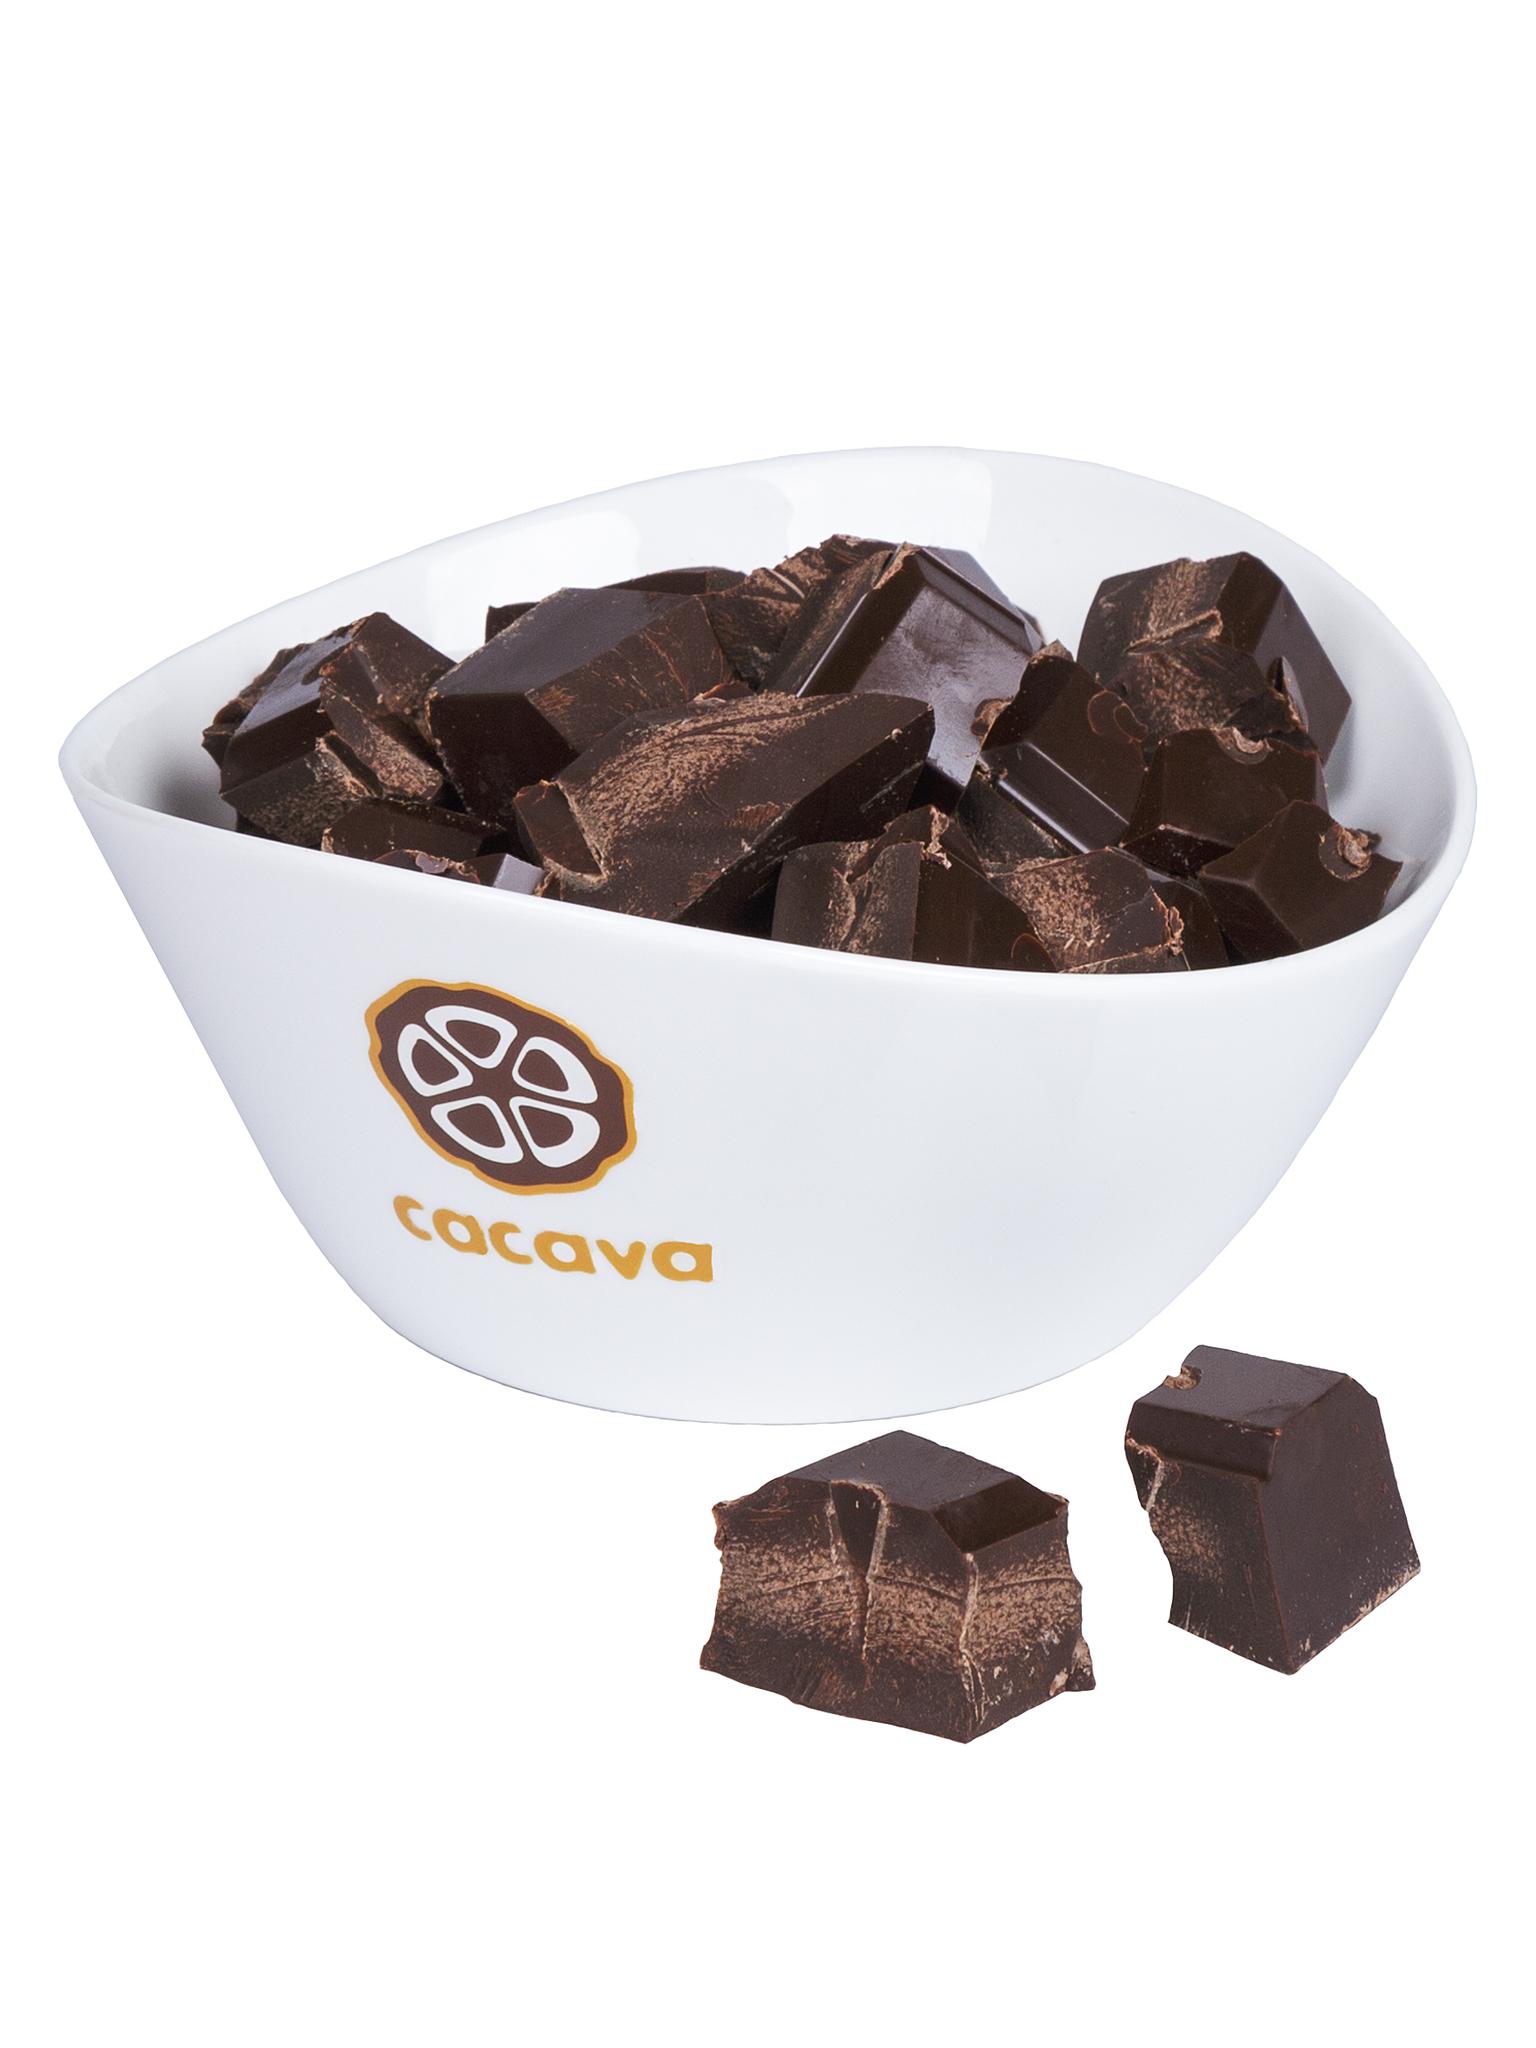 Тёмный шоколад 70 % какао (Колумбия, Tumaco), внешний вид